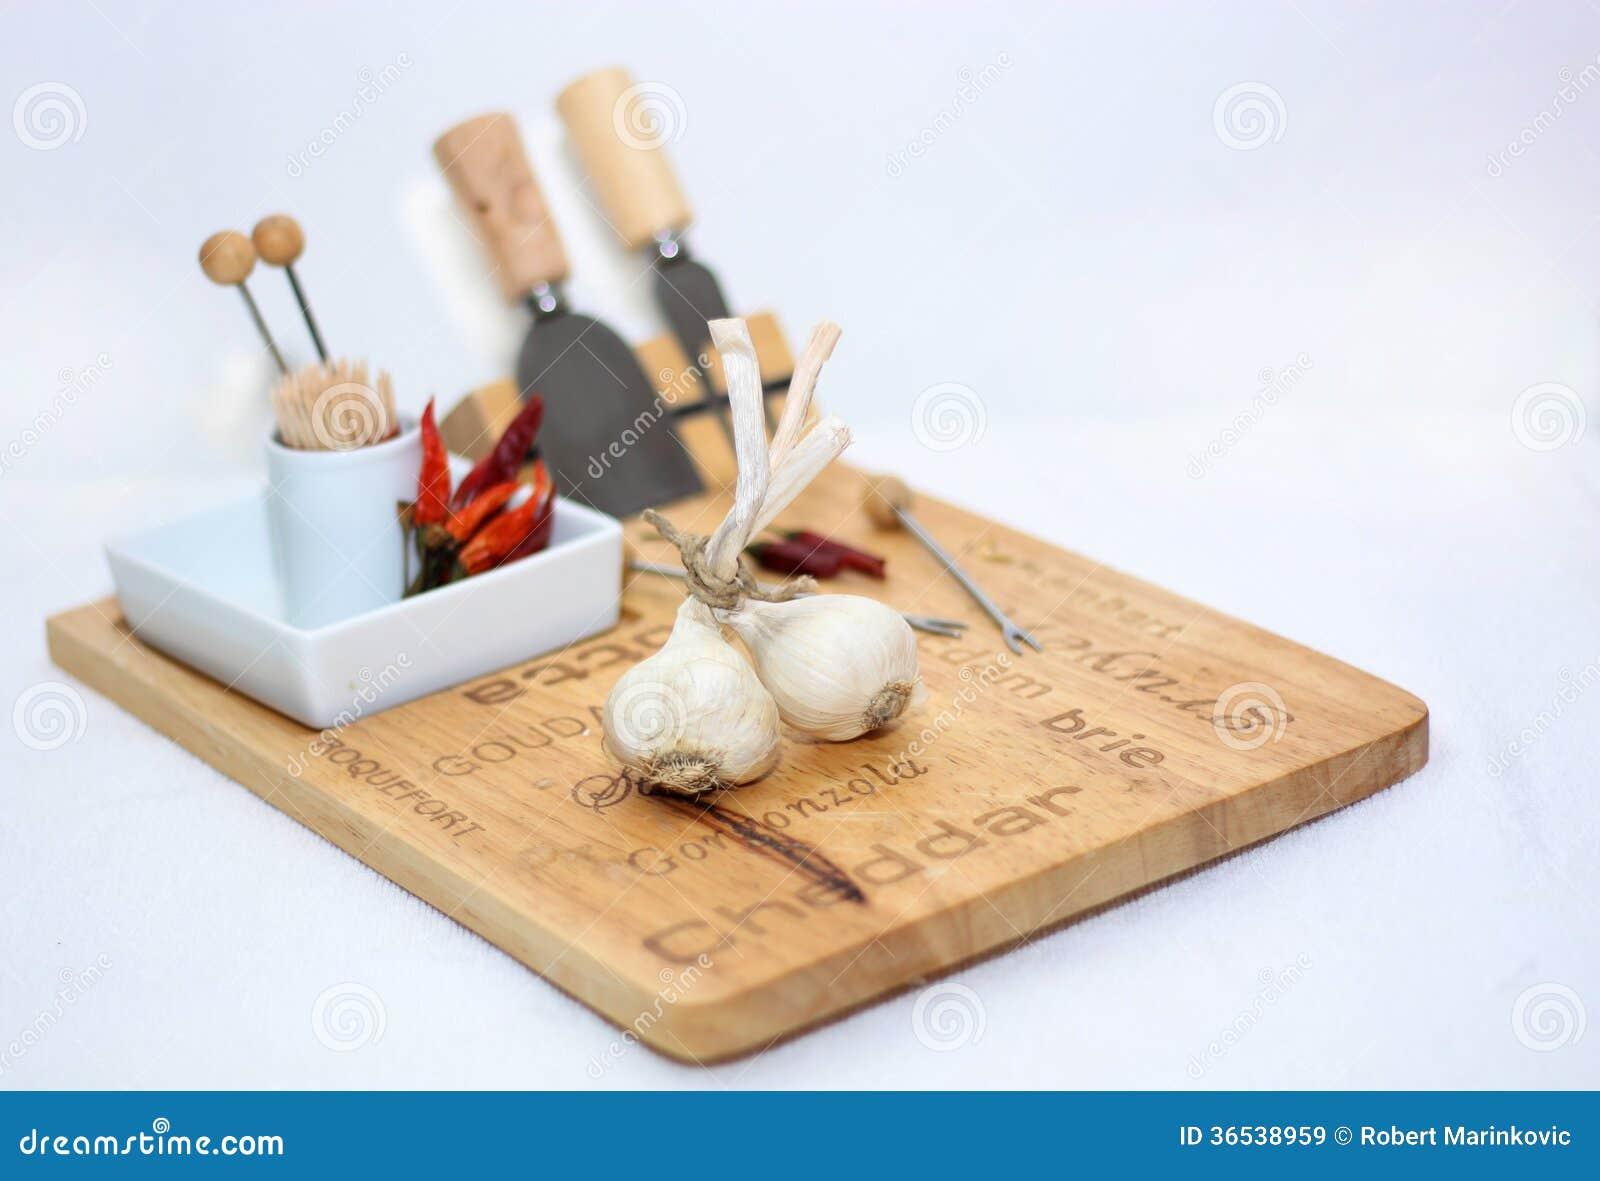 Knoblauch auf dem Küchenbrett